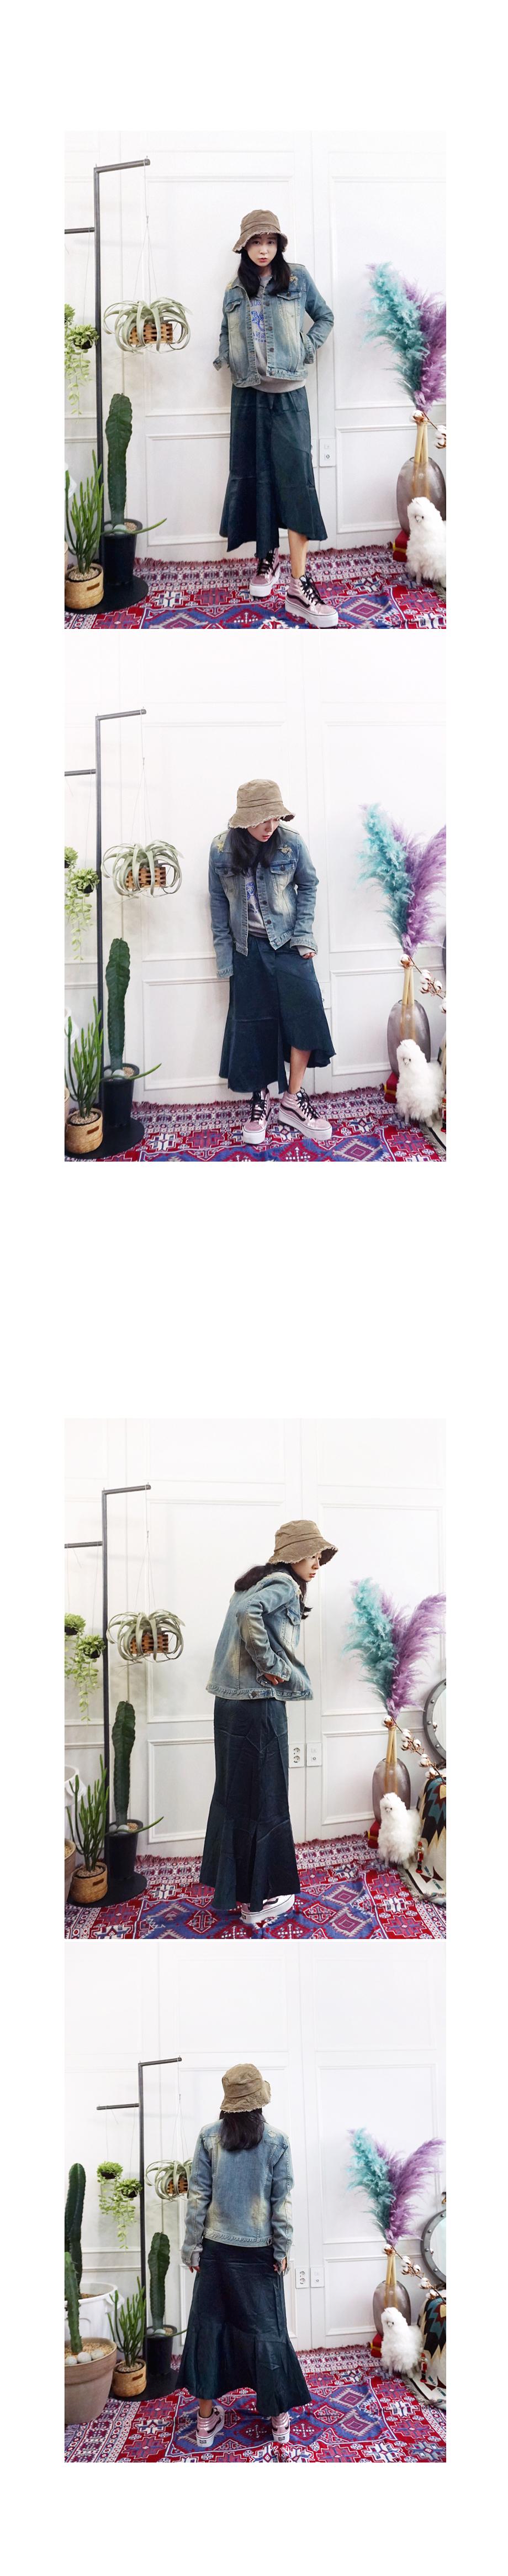 로맨틱 프릴 롱 랩스커트33,000원-앞머리패션의류, 여성하의, 하의, 스커트바보사랑로맨틱 프릴 롱 랩스커트33,000원-앞머리패션의류, 여성하의, 하의, 스커트바보사랑